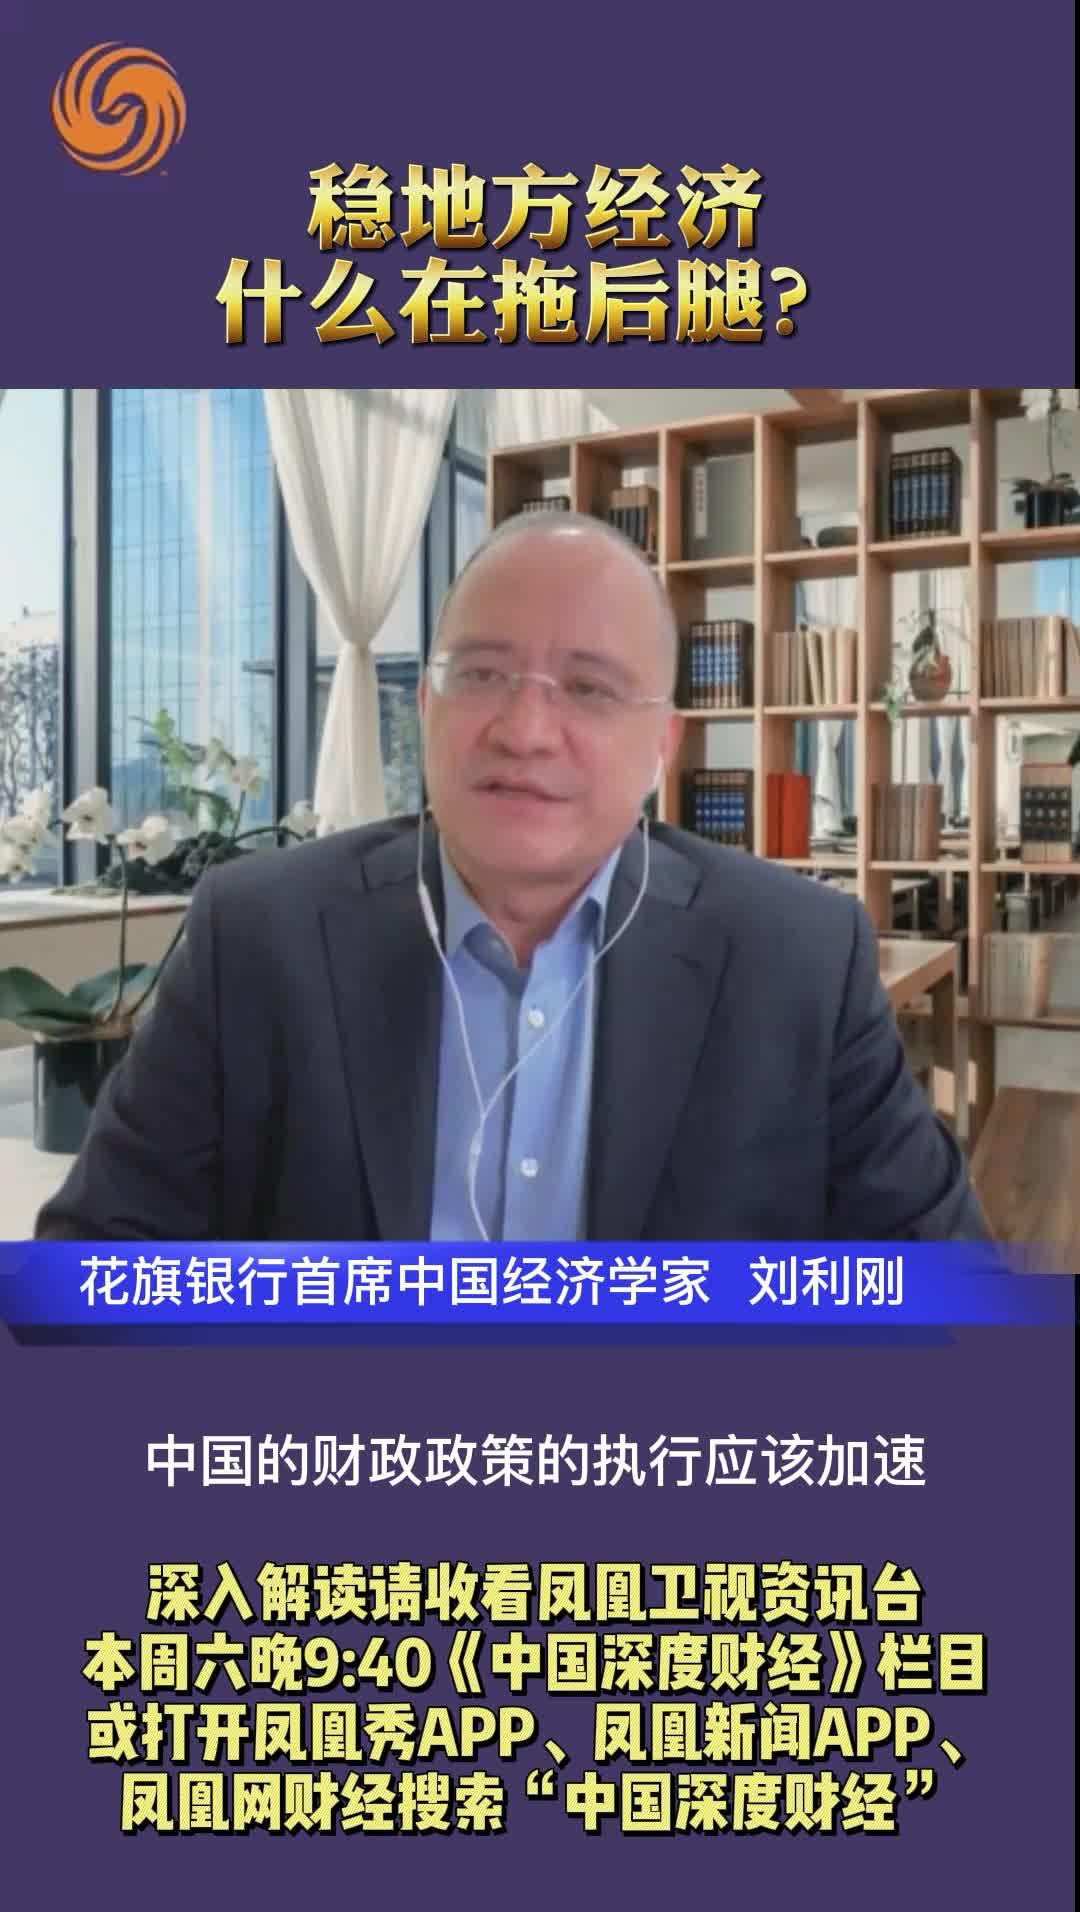 花旗银行首席中国经济学家刘利刚 :稳地方经济 什么在拖后腿?